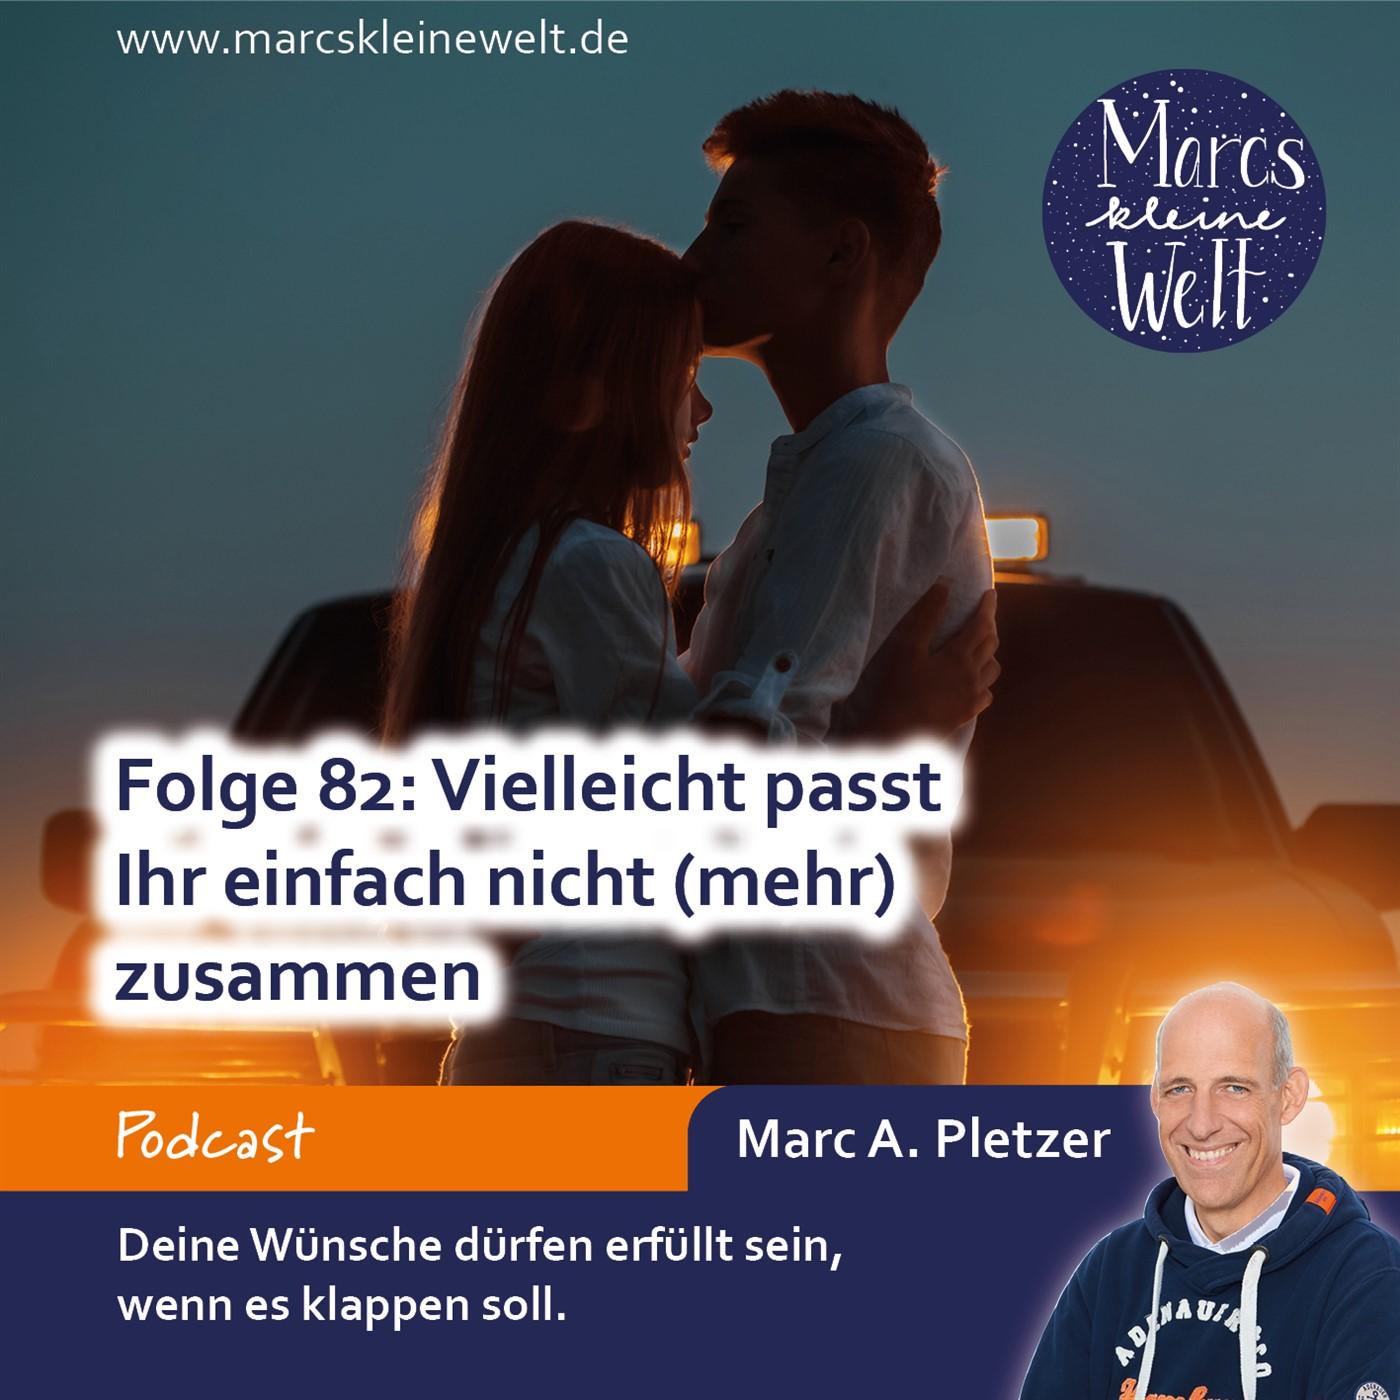 Marcs kleine Welt – Folge 82: Vielleicht passt Ihr einfach nicht (mehr) zusammen…